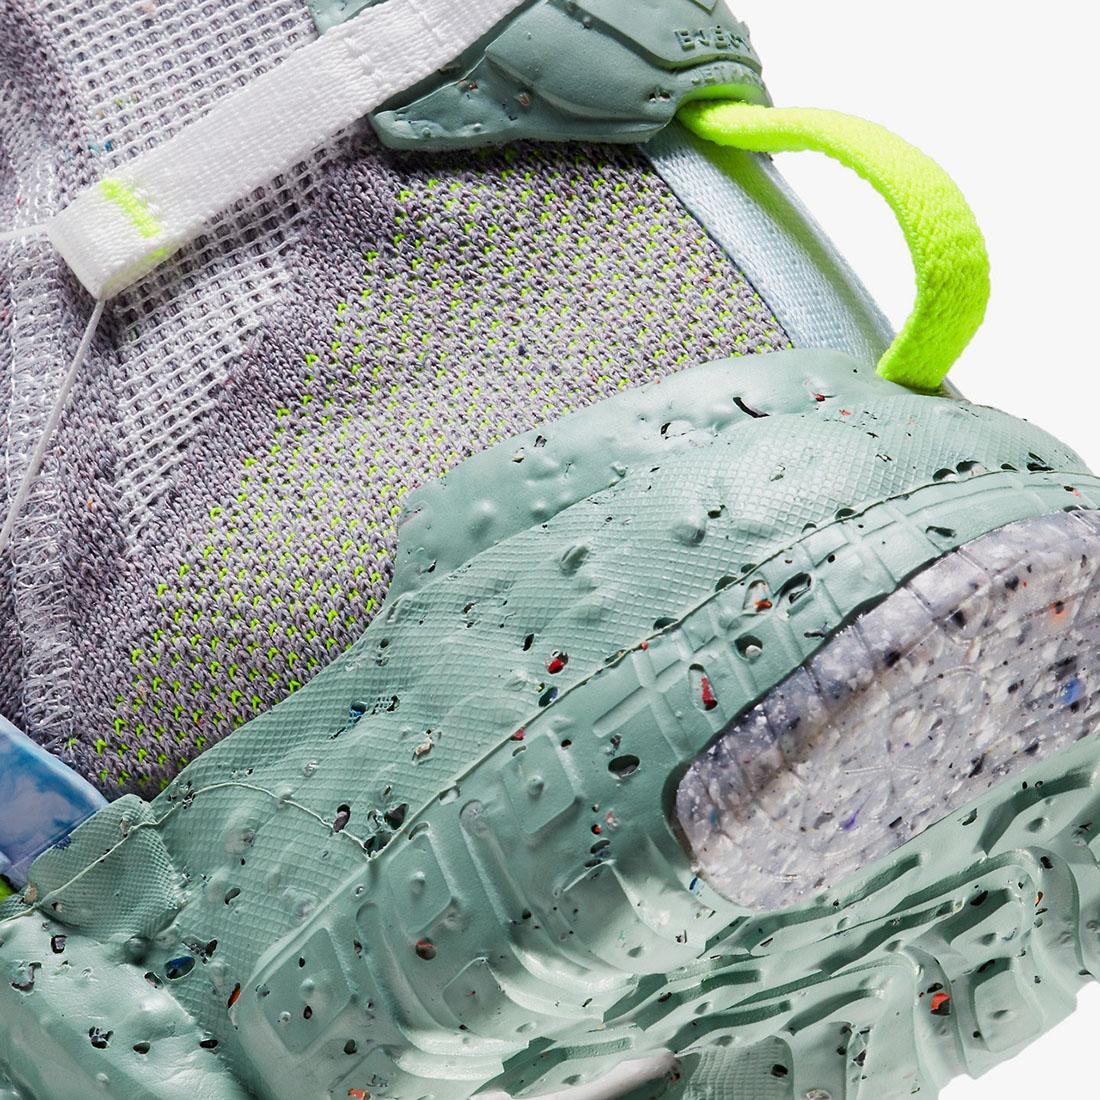 Nike Space Hippie 03 Healing Jade